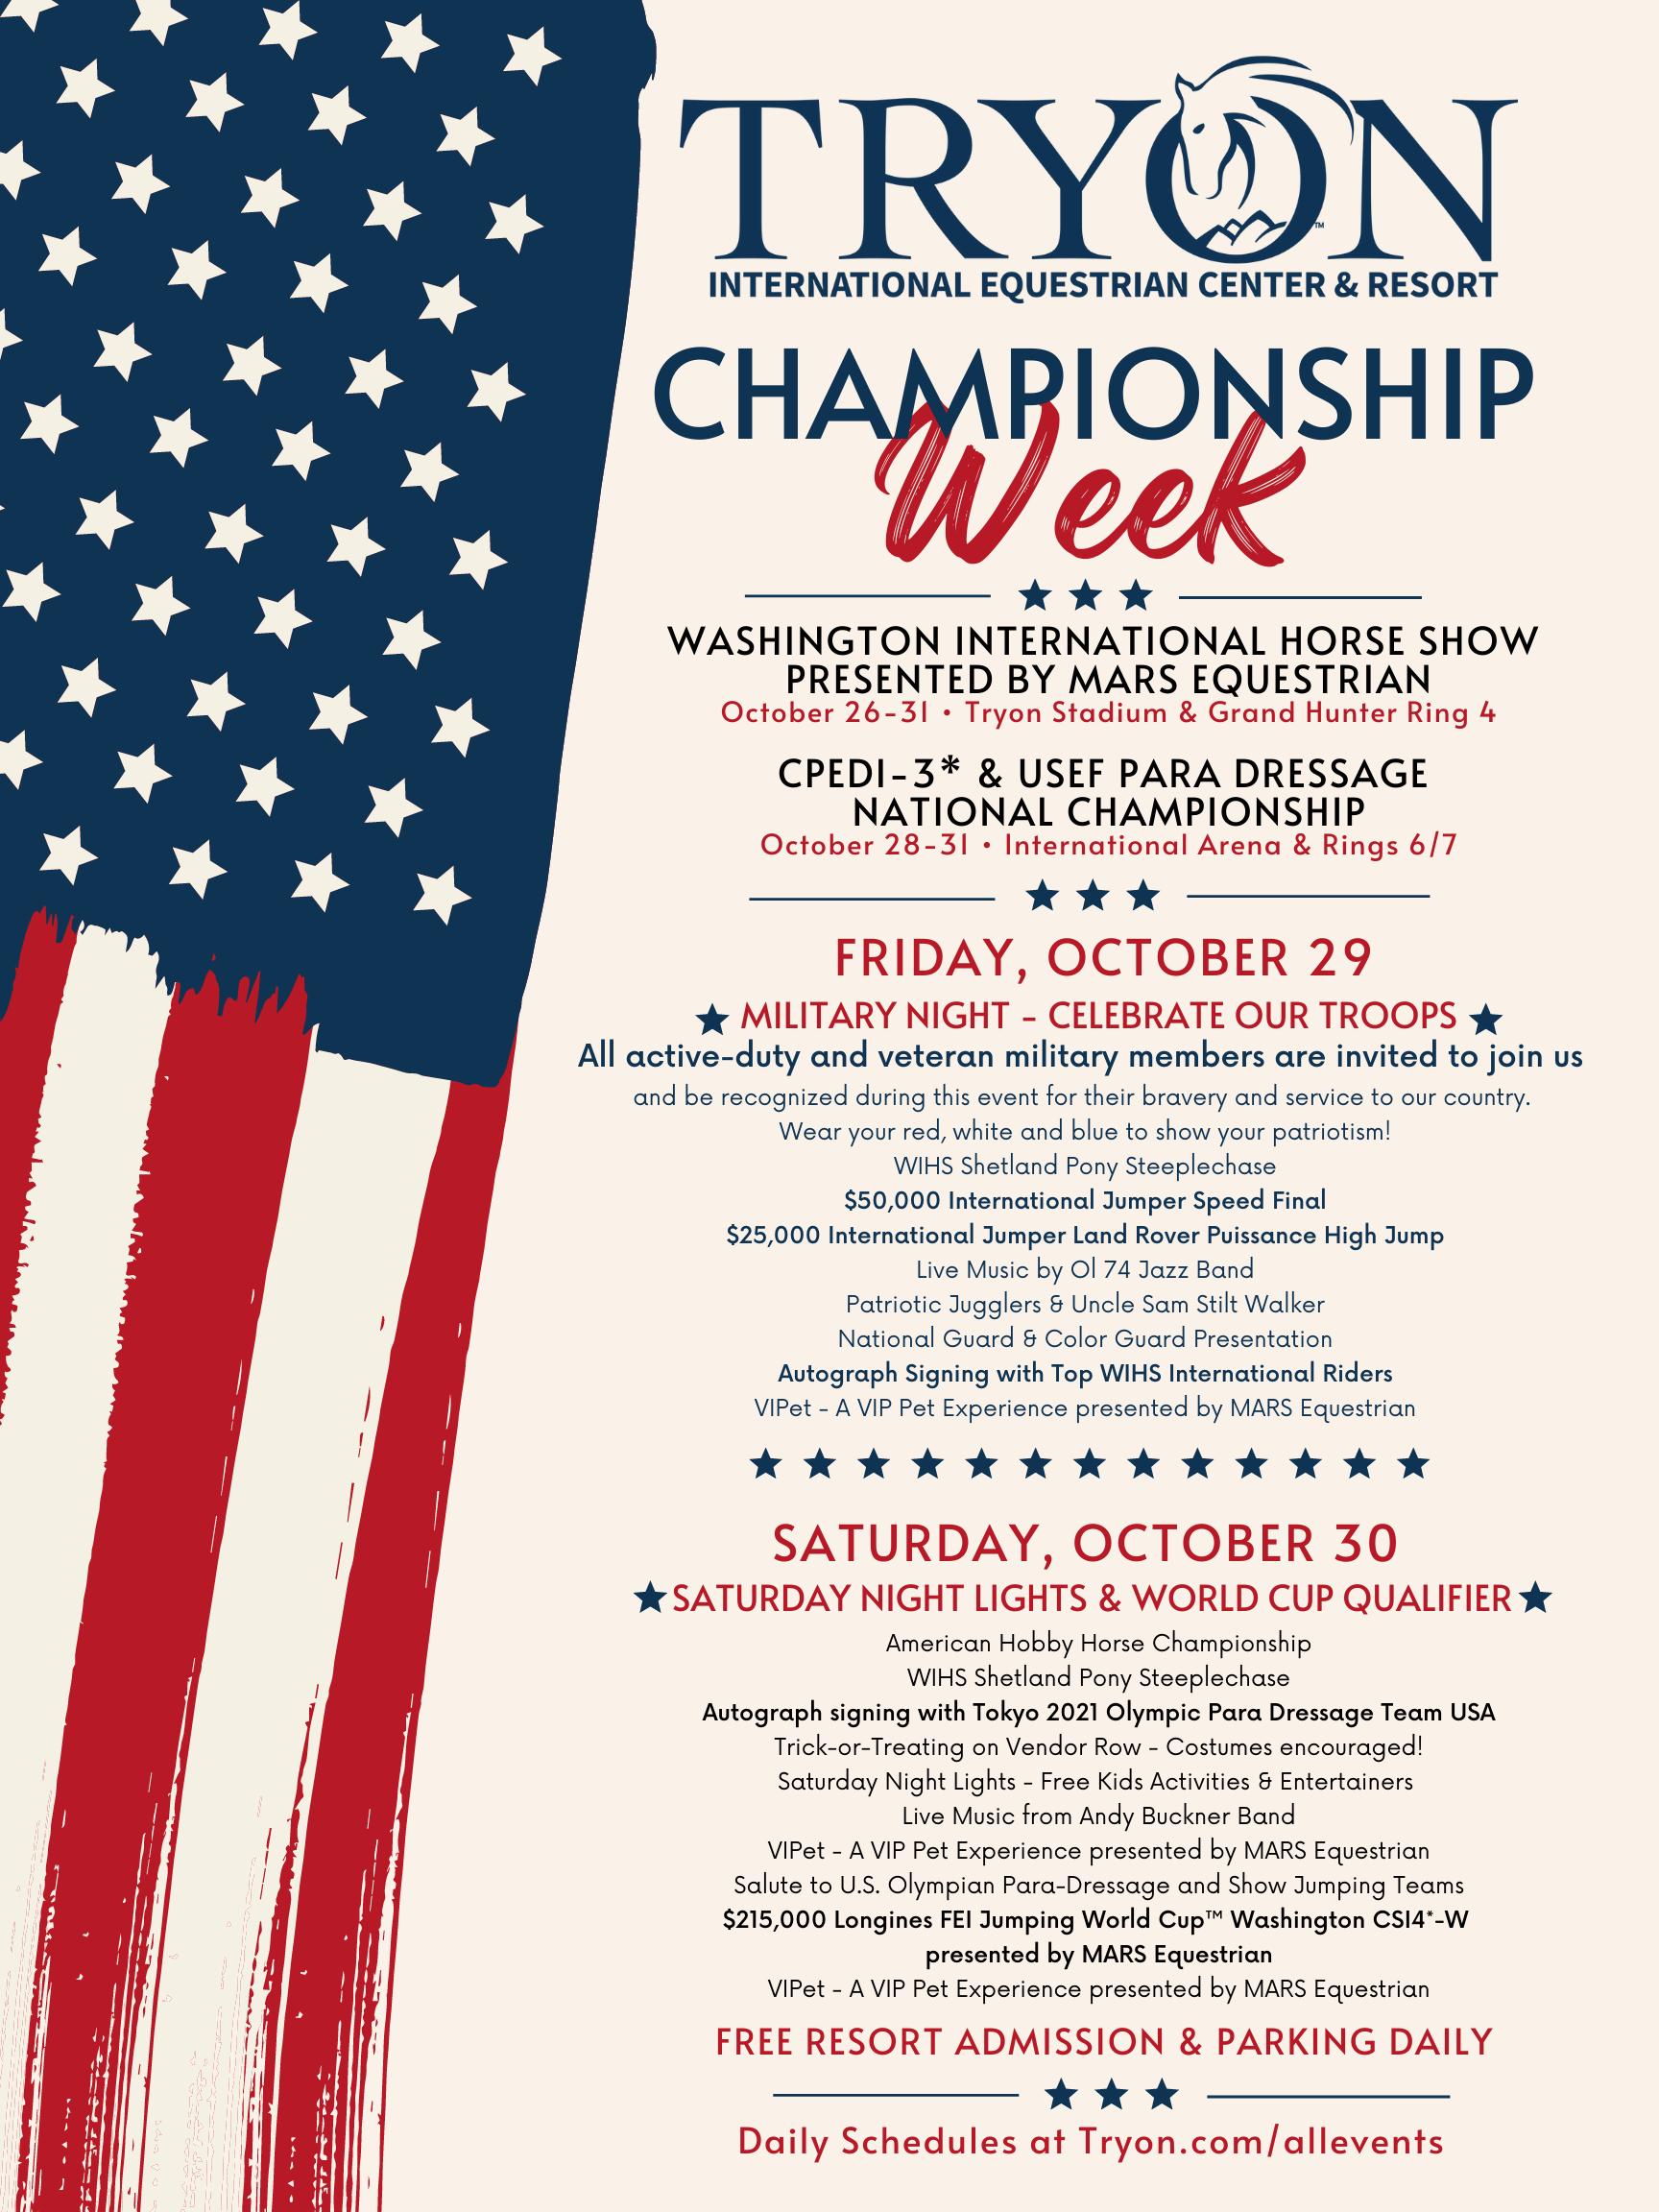 Championship Week - WIHS & Dressage